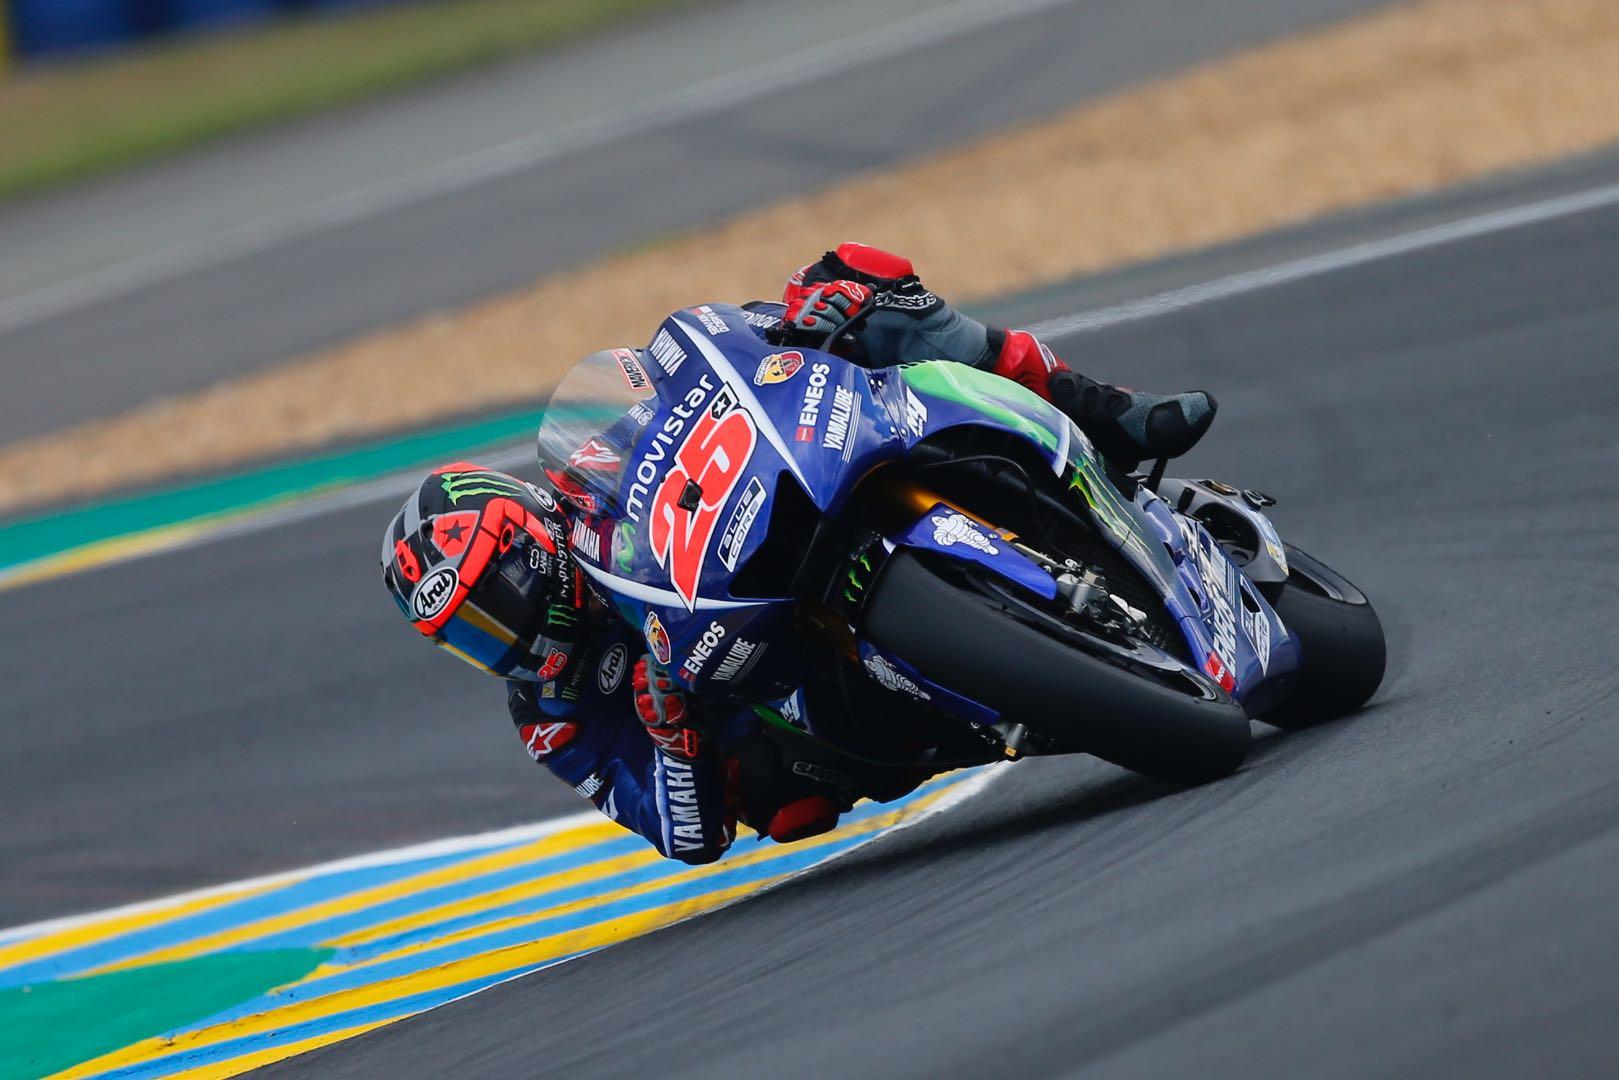 Valentino Rossi Terjatuh di Lap terakhir MotoGP Prancis